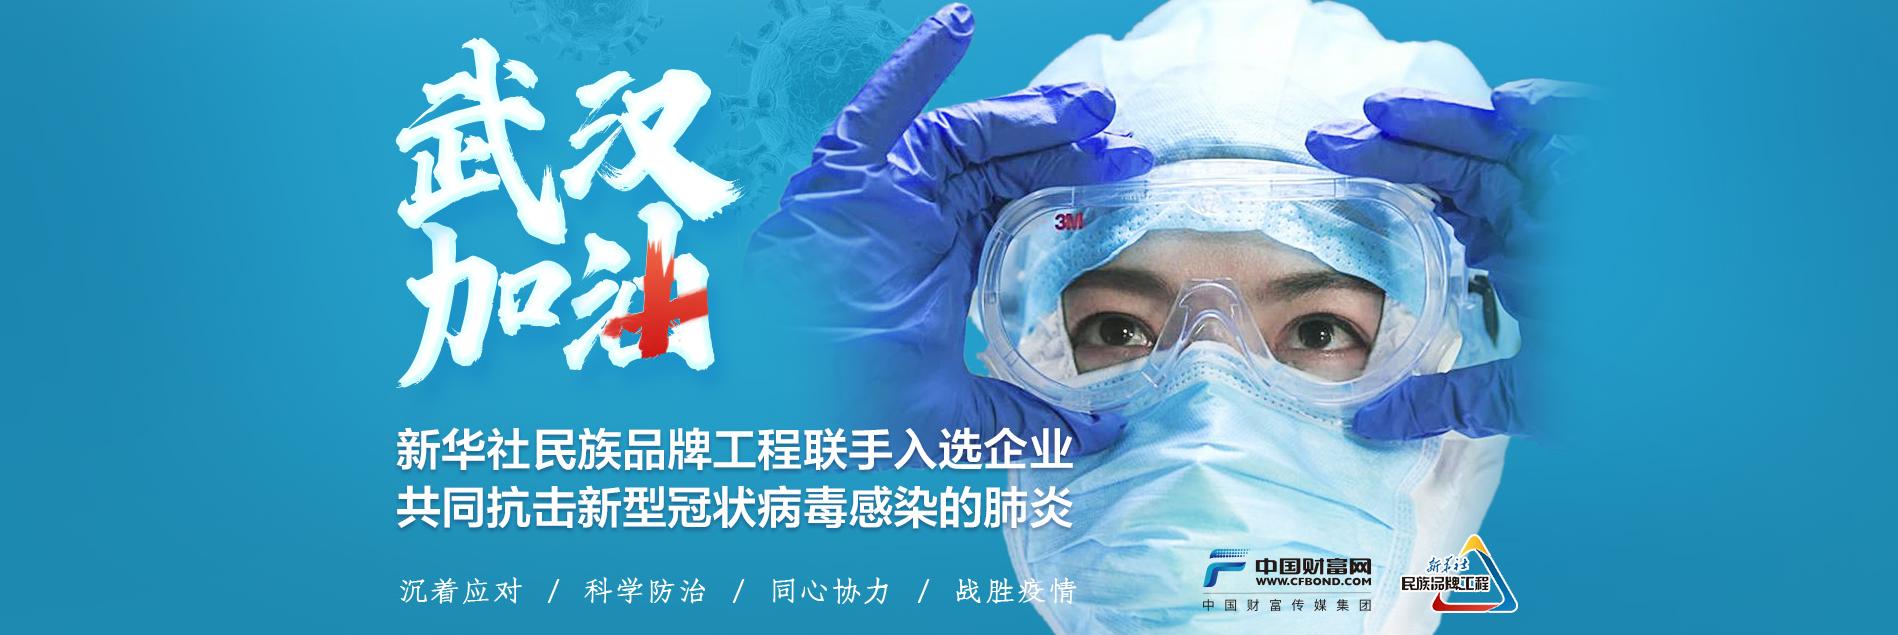 新華社民族品牌工程聯手入選企業 共同抗擊新型冠狀病毒感染的肺炎